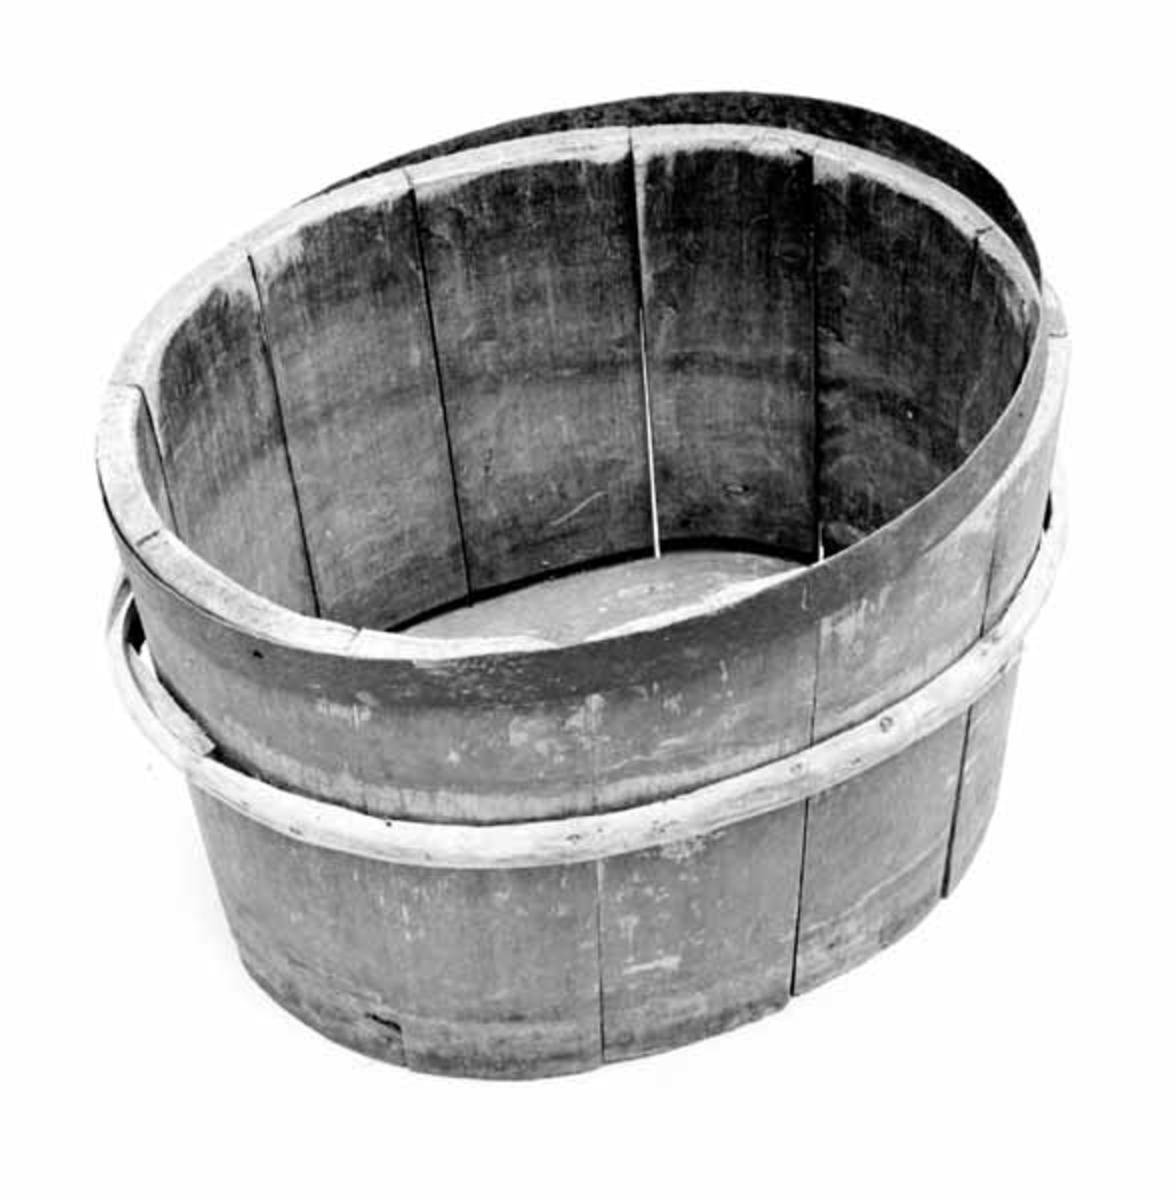 Butte, eller fiskebutten er lagget, antagelig av gran, og er rødmalt utvendig. I bunnen er et gjord av jern, og øverst et av einer. Butten er oval, og i bunnen er en rekke initialer og 1799 innskråret. Den har dobbelt stav, muligens er den innerste staven satt i etter butten ble tatt i bruk. Den er brukt på Fiskevollen, Rendalen.